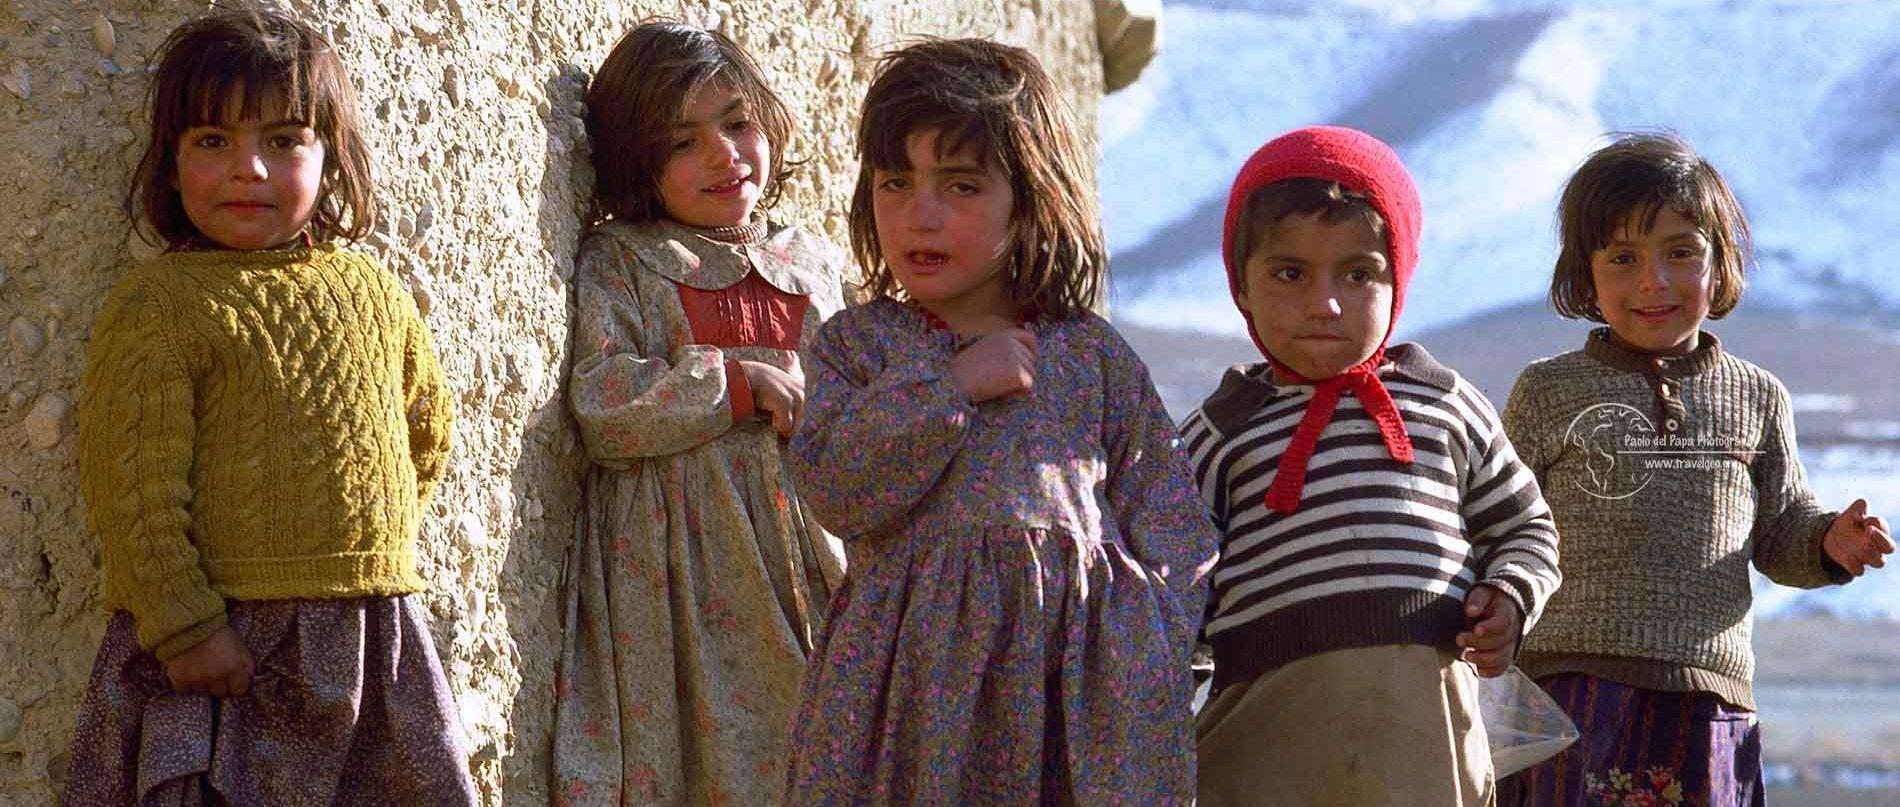 Photo of Beluchistan